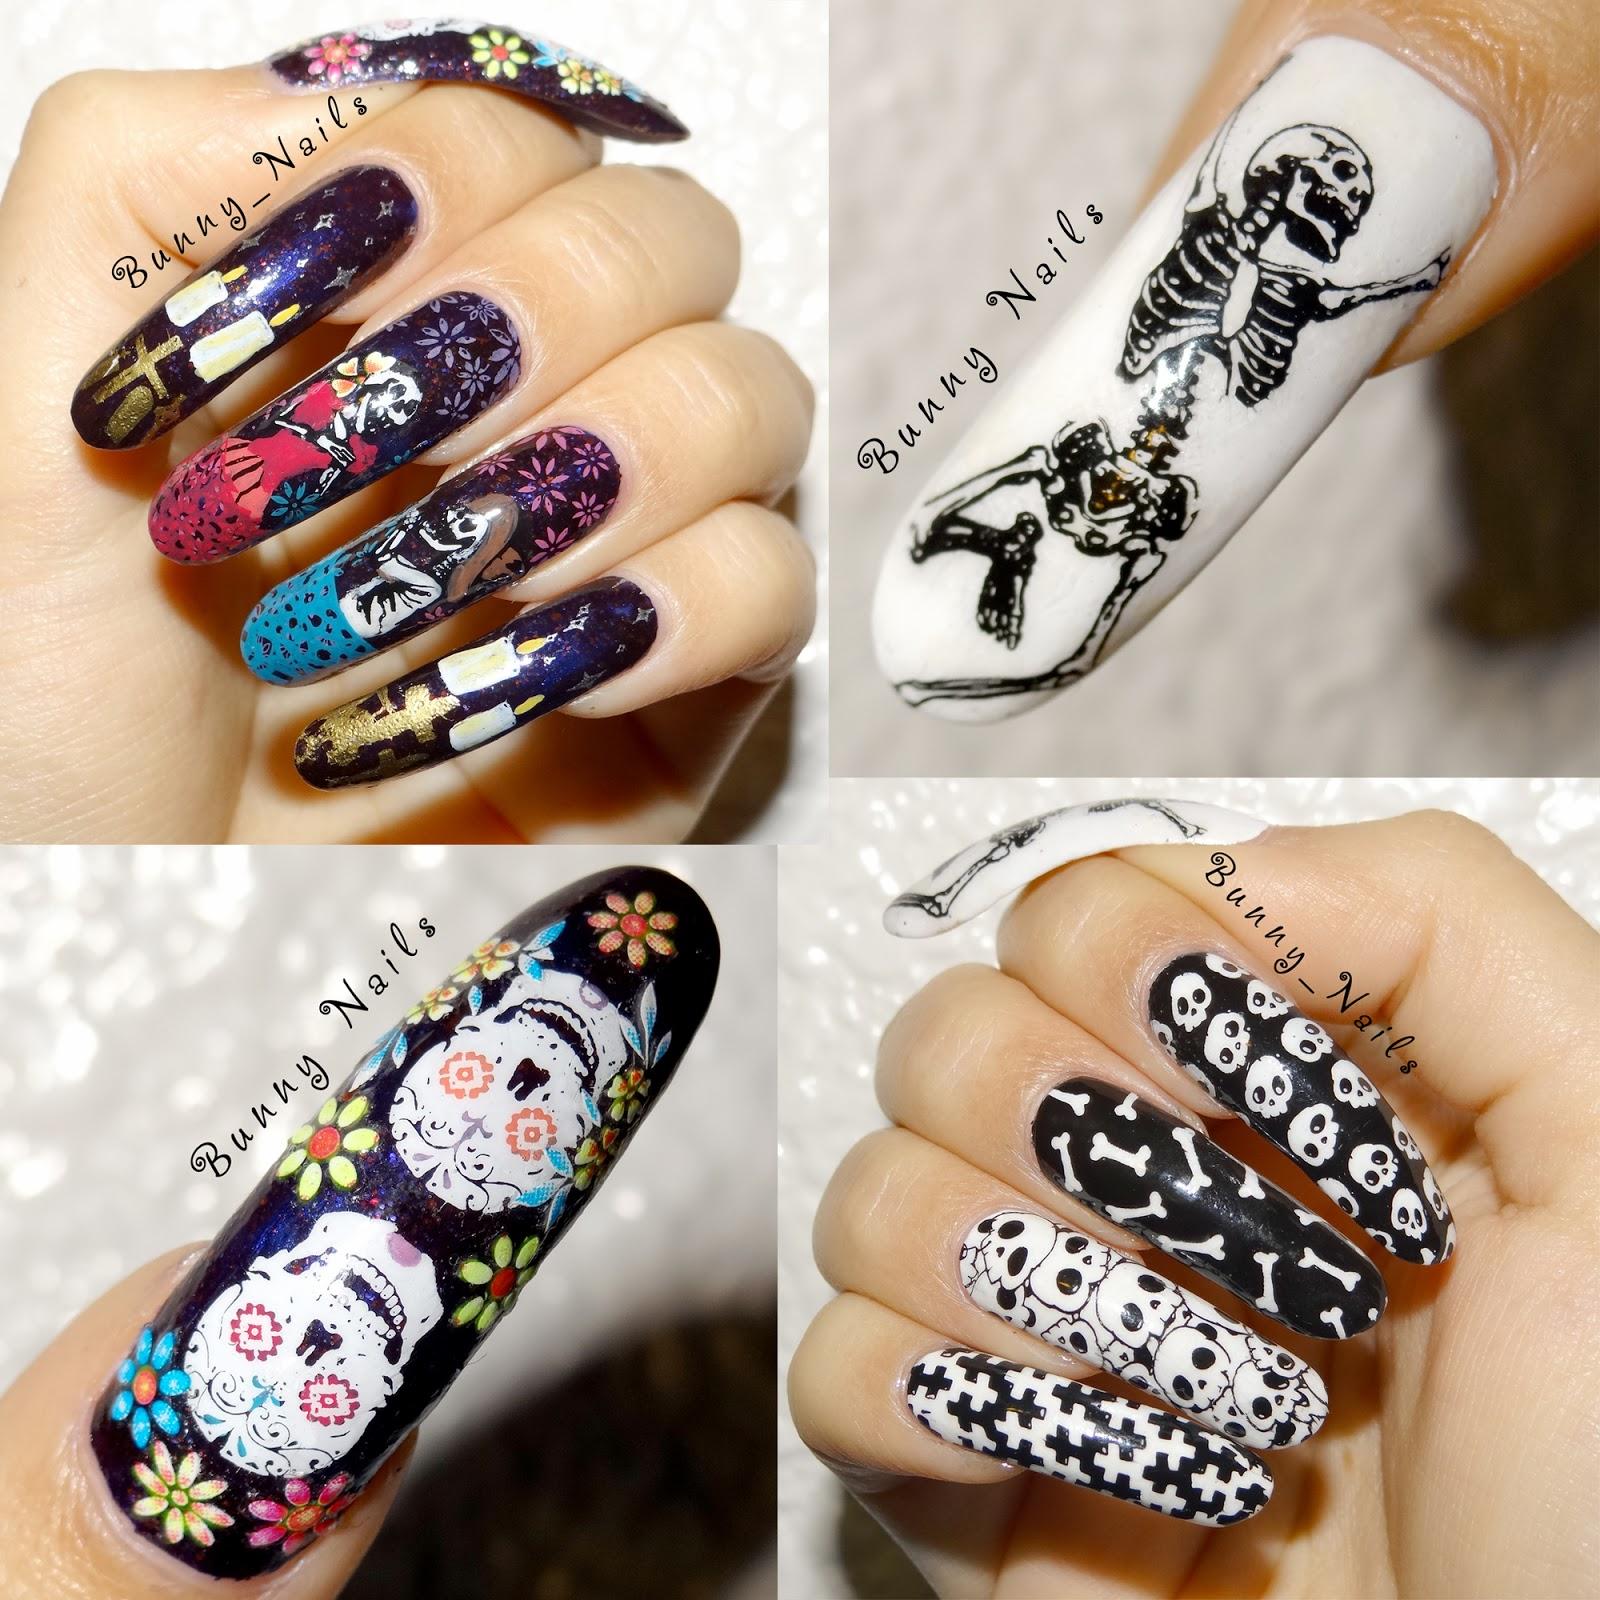 Bunny nails 2x1 da de muertos nail art 2x1 da de muertos nail art prinsesfo Images